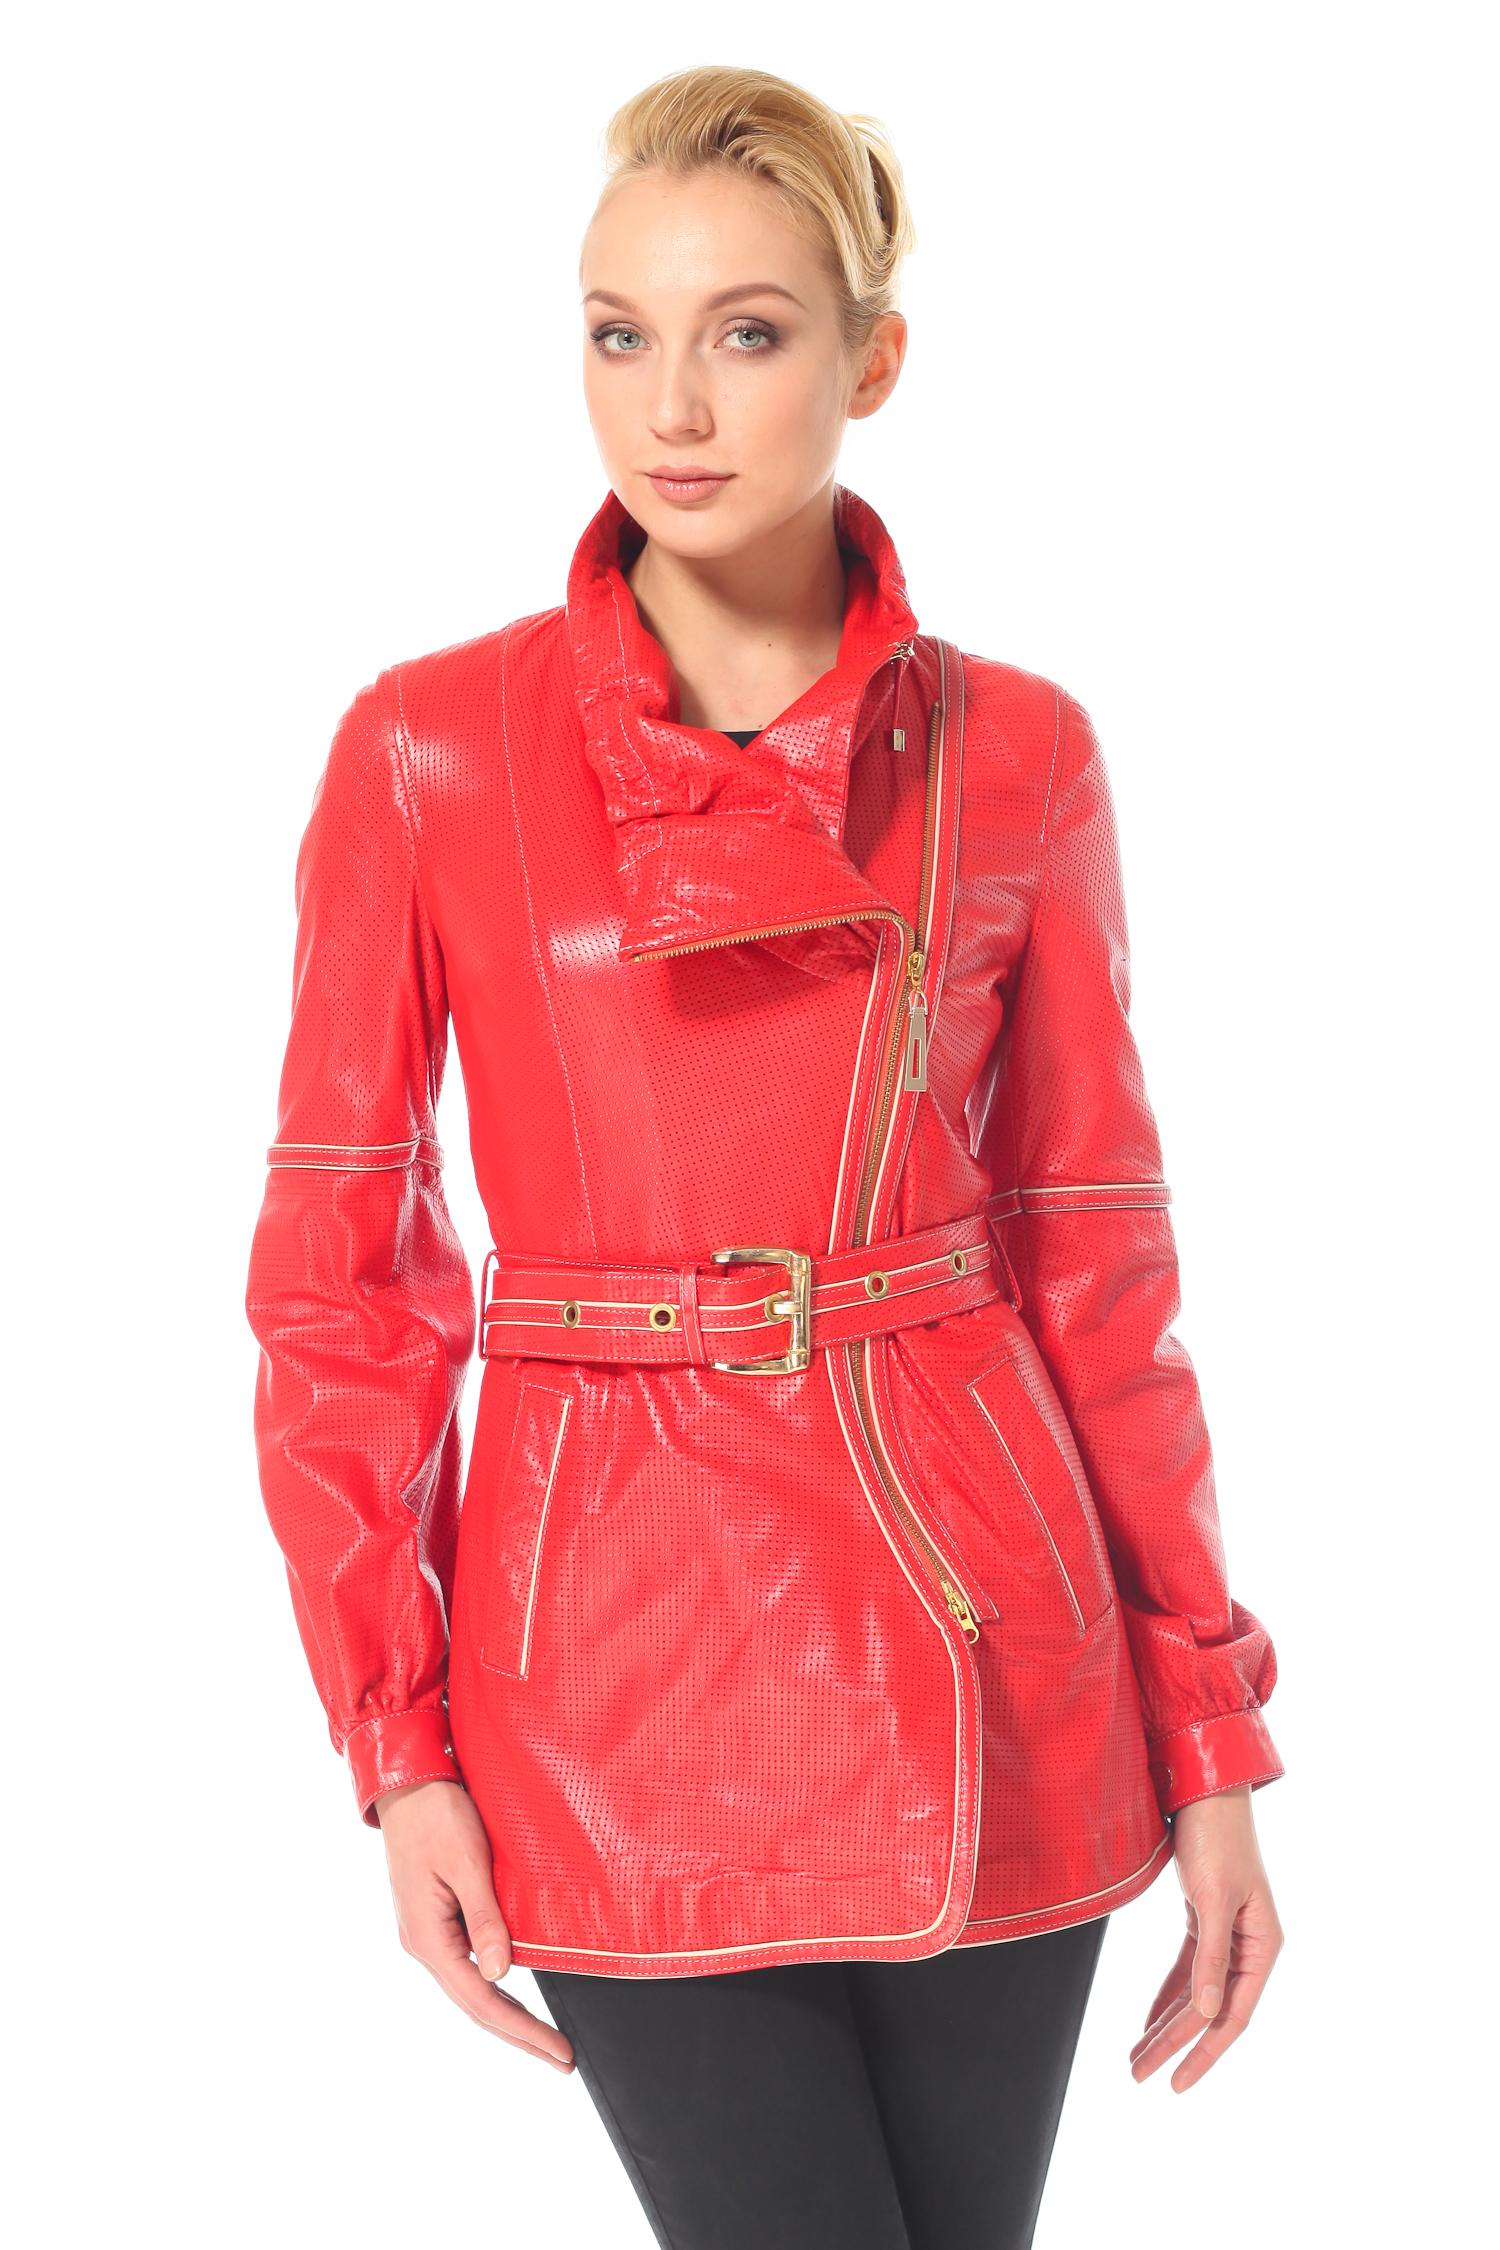 Женская кожаная куртка из натуральной кожи с воротником, без отделки<br><br>Воротник: Оригинальный<br>Длина см: 75<br>Материал: Плонже/перфорация<br>Цвет: Коралл<br>Пол: Женский